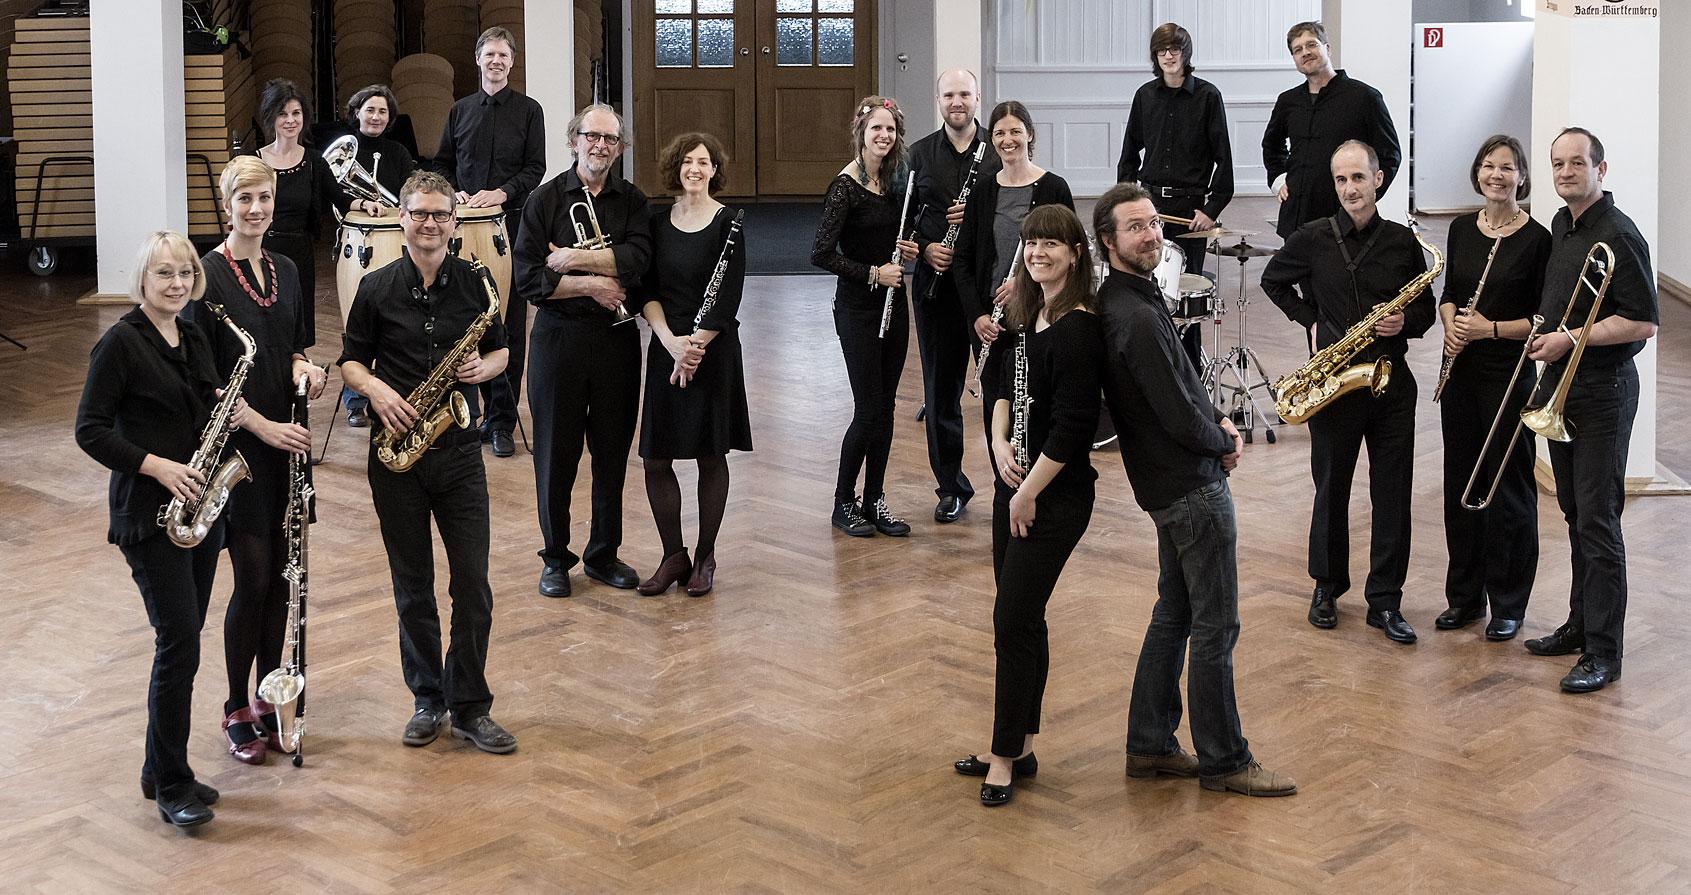 Gruppenfoto vom Orchester Musikverein Littenweiler